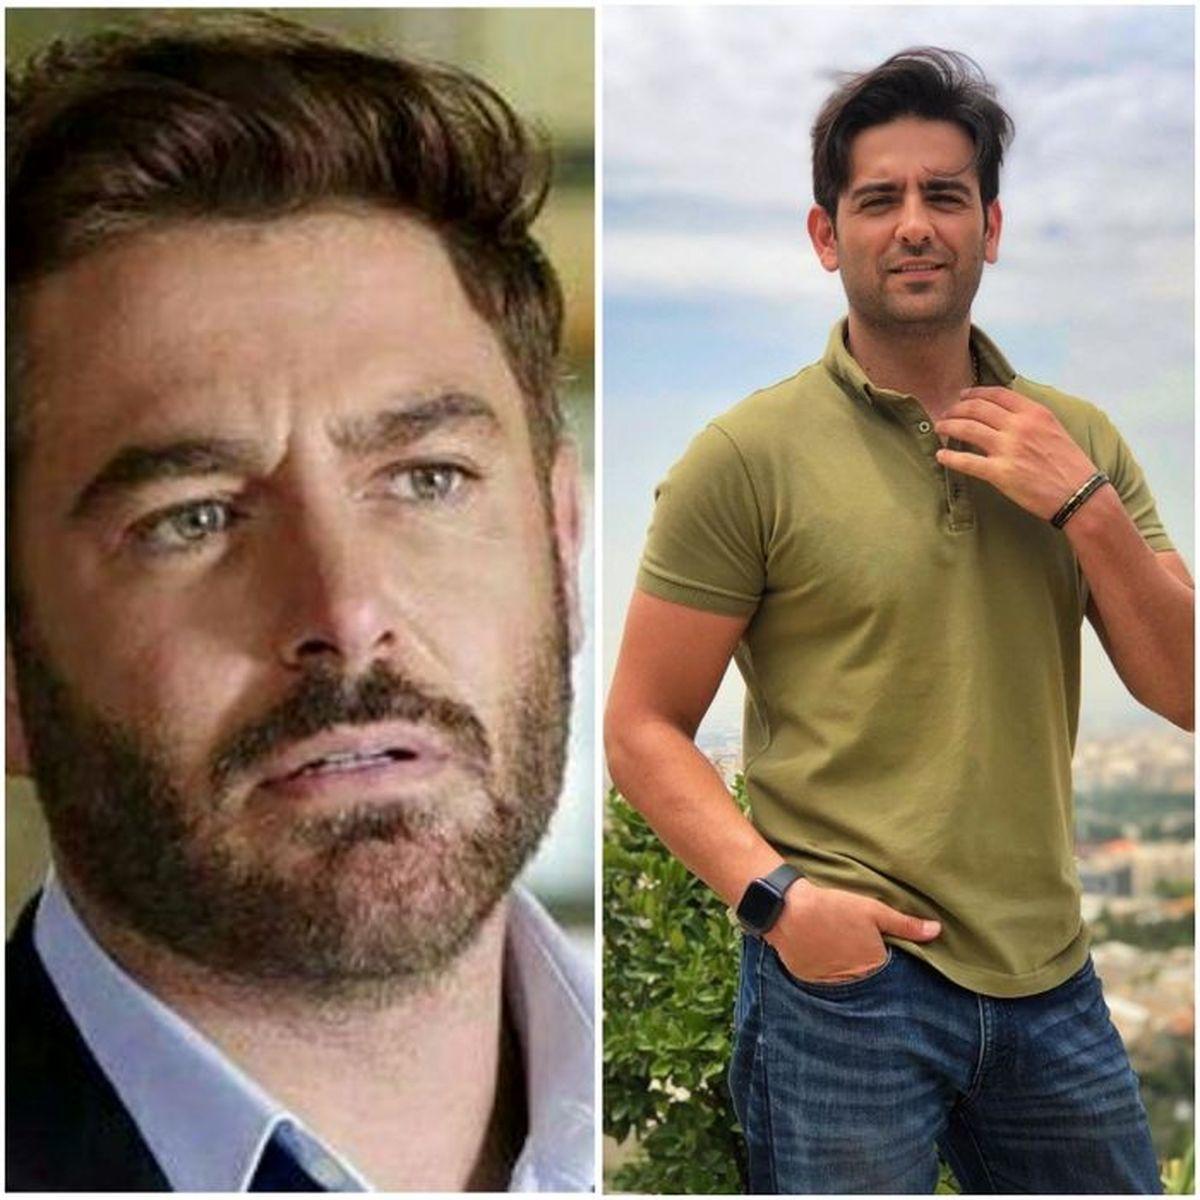 کدام بازیگر مرد ایرانی جذاب تر است؟ | امیرحسین آرمان یا محمدرضا گلزار؟